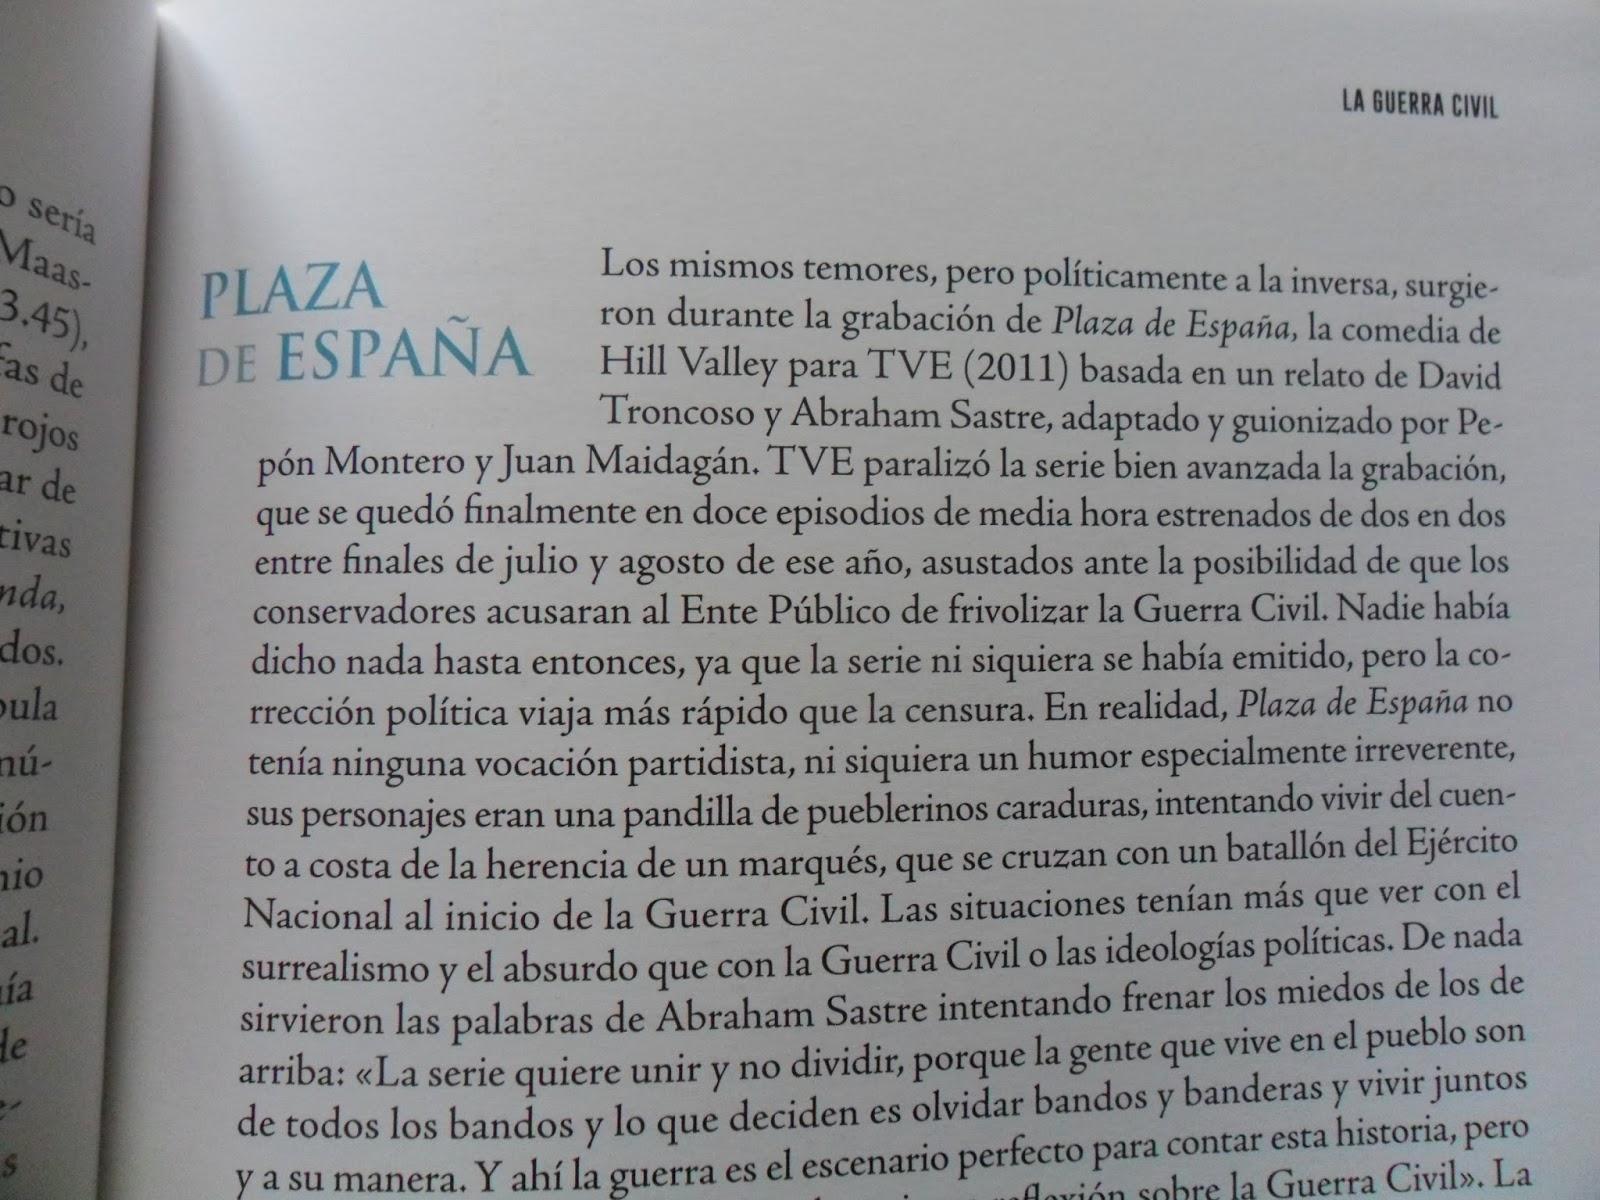 Plaza de España, fracaso de TVE, está incluida en España en serie